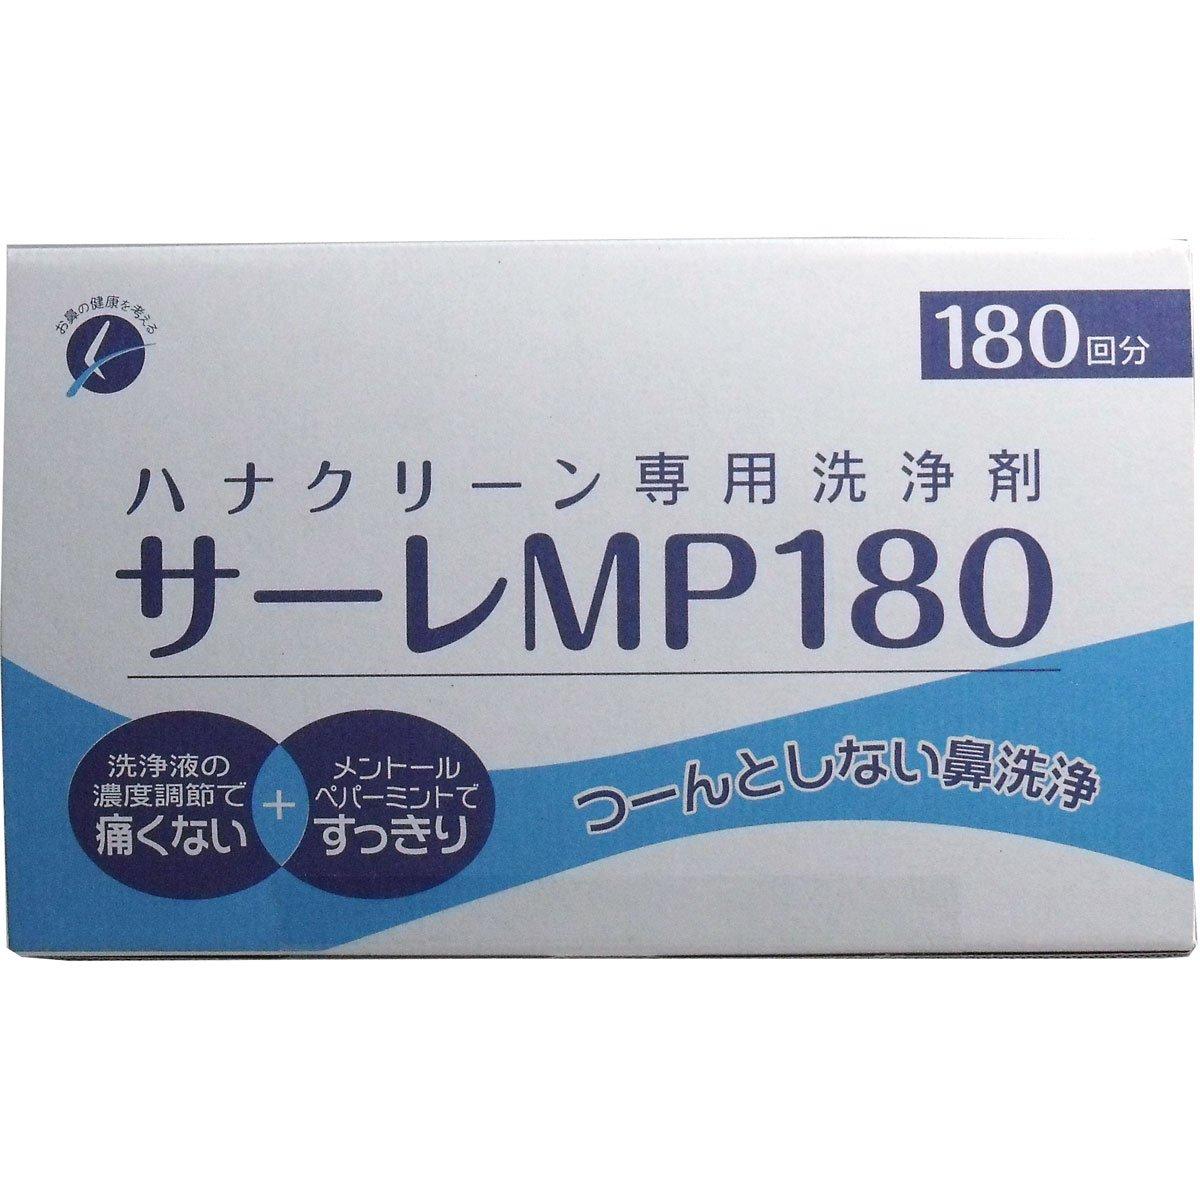 ハナクリーン専用洗浄剤 サーレMP 180包 ×5個セット   B007M85FN0